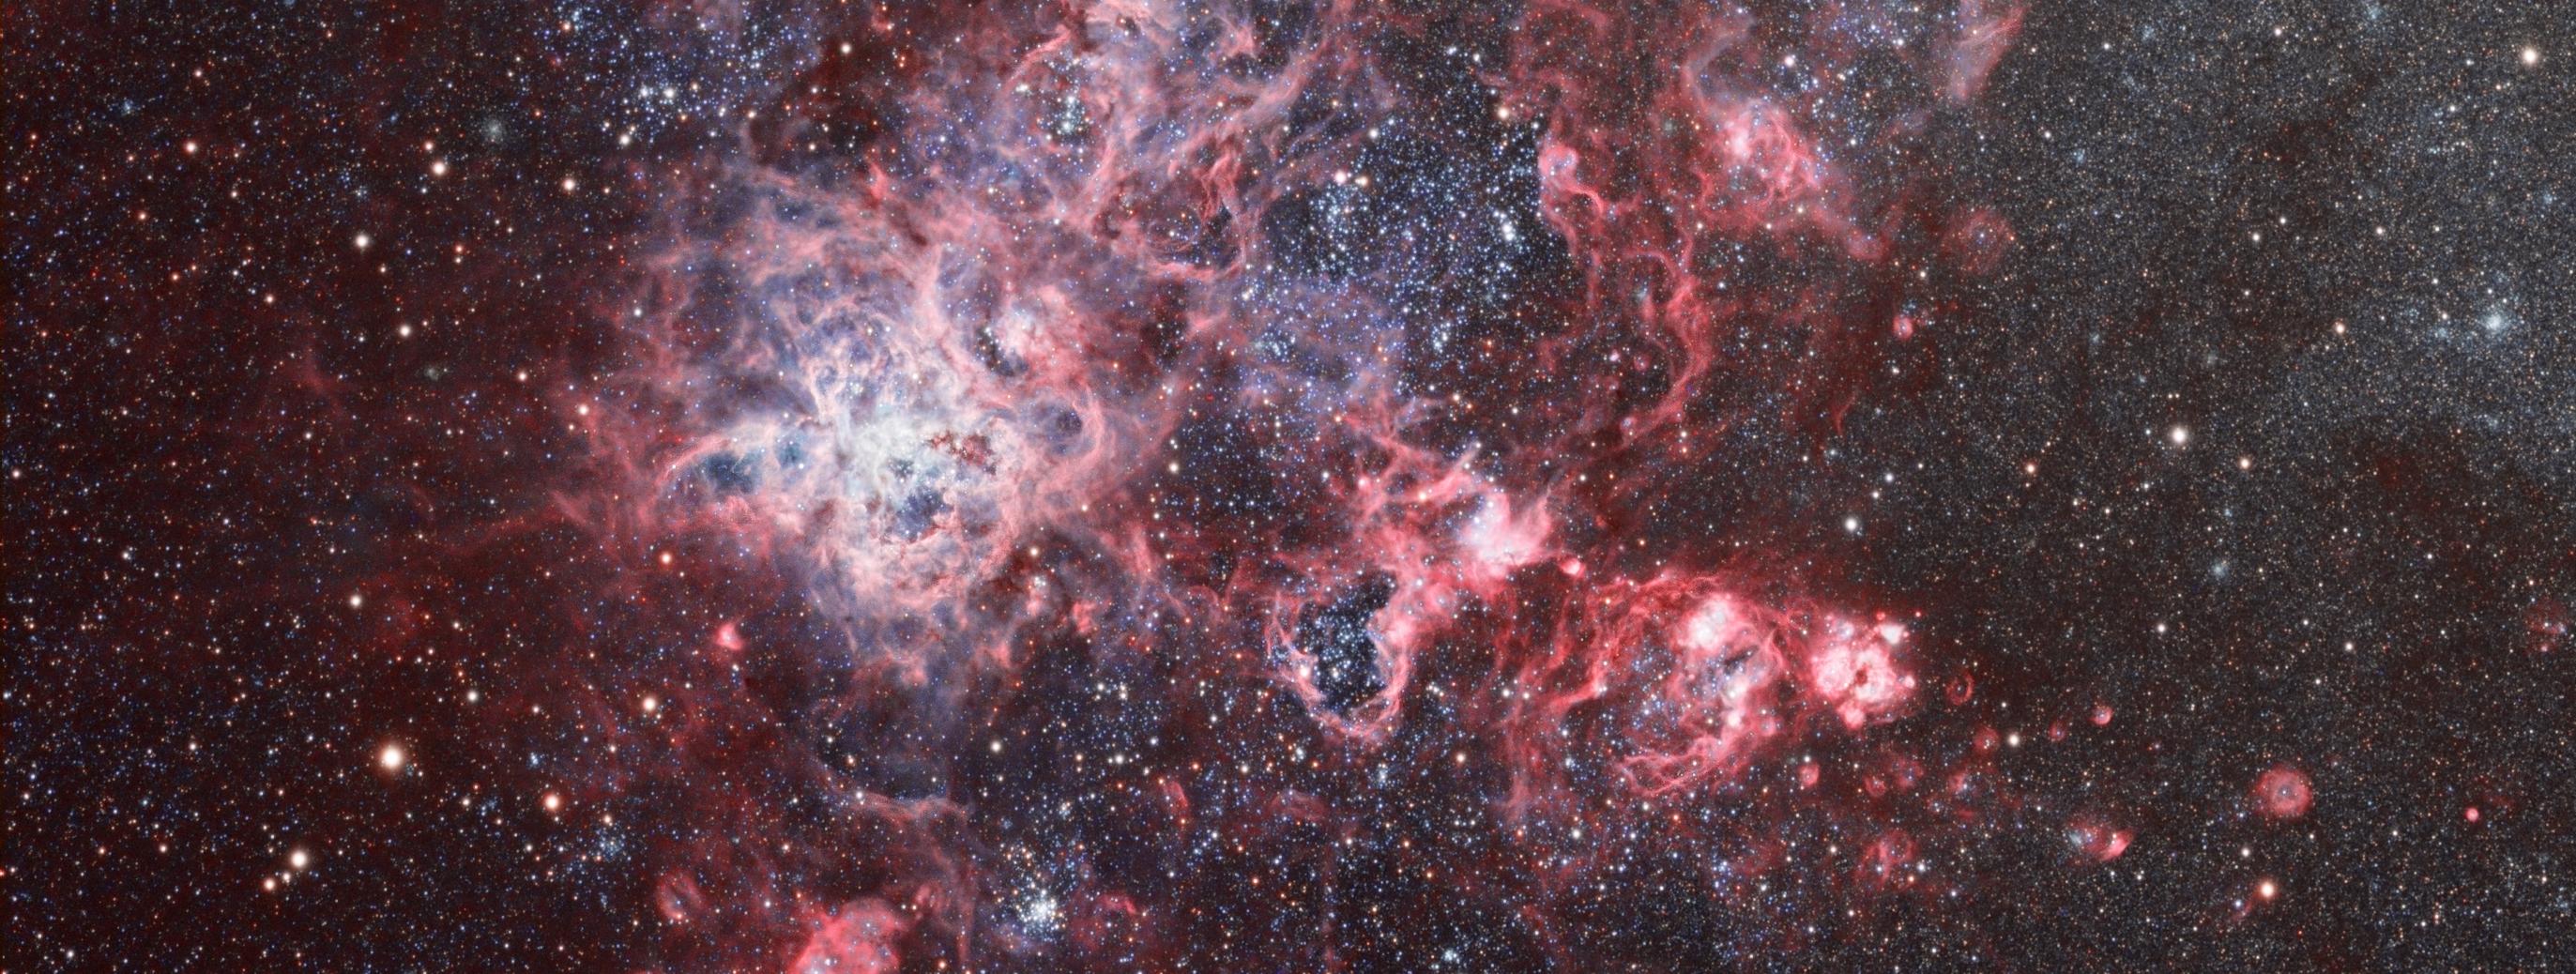 NGC 2070_v2